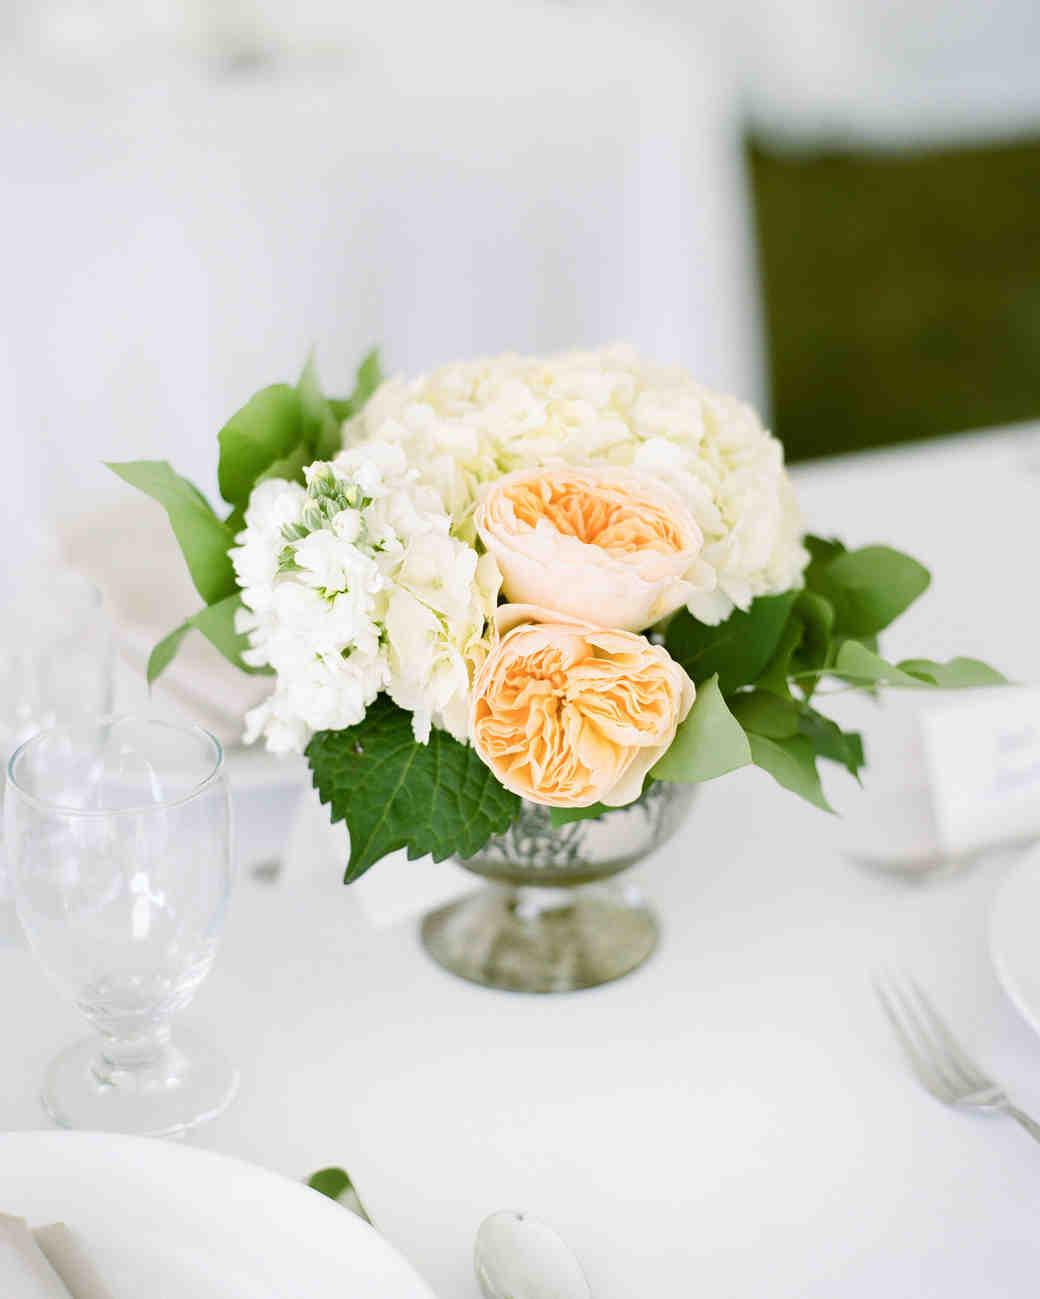 Vintage white hydrangea and garden rose centerpiece